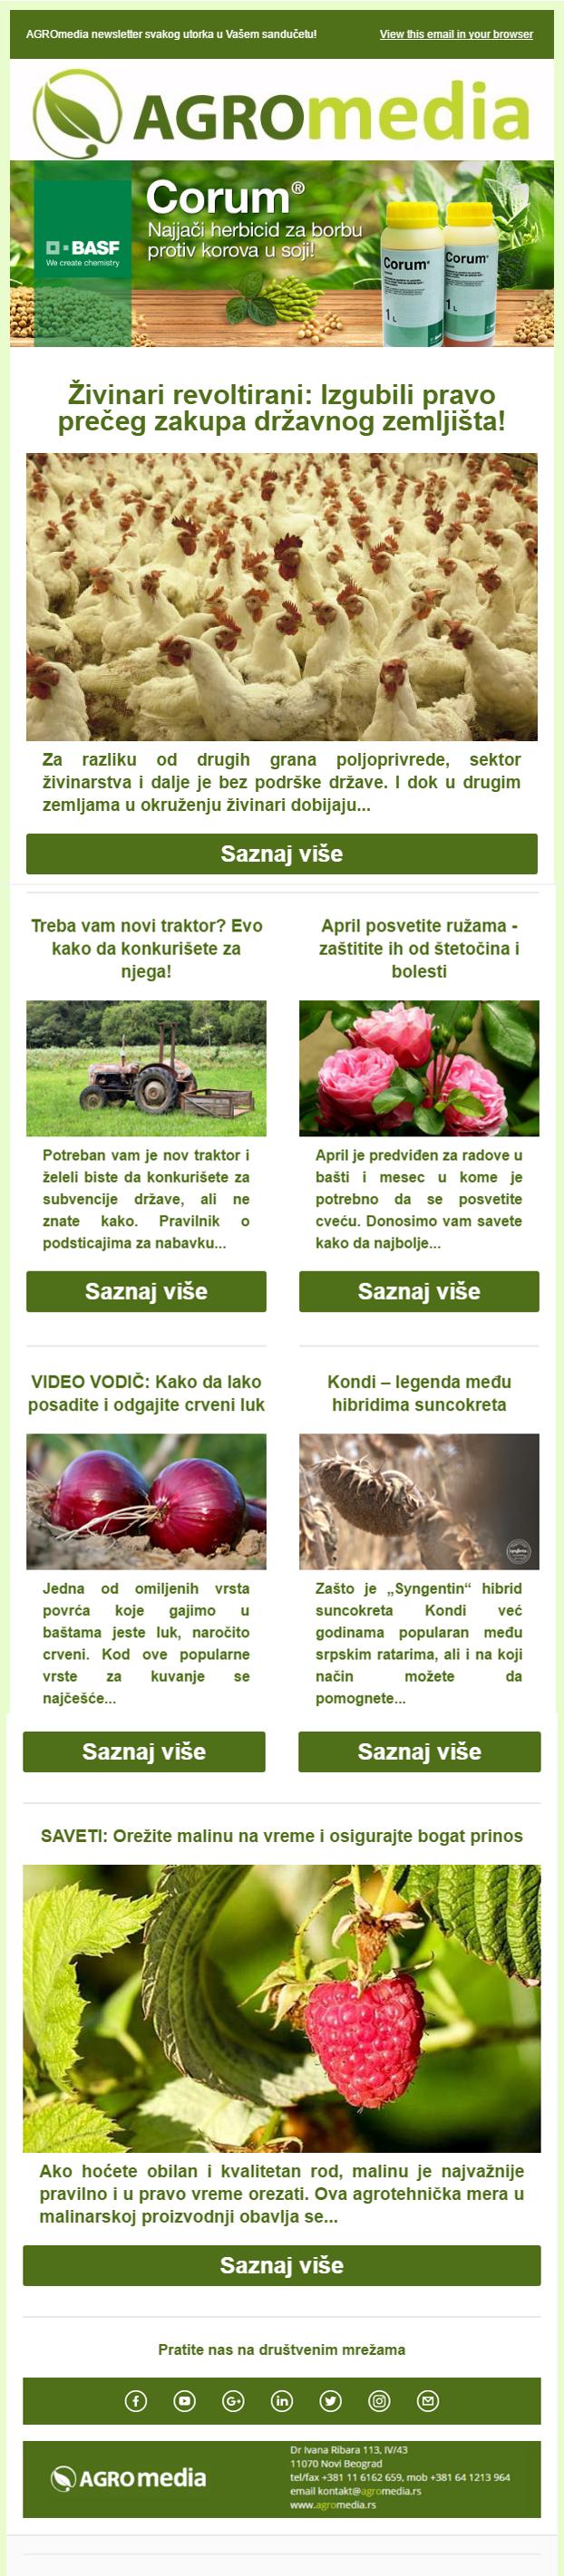 Newsletter©Agromedia